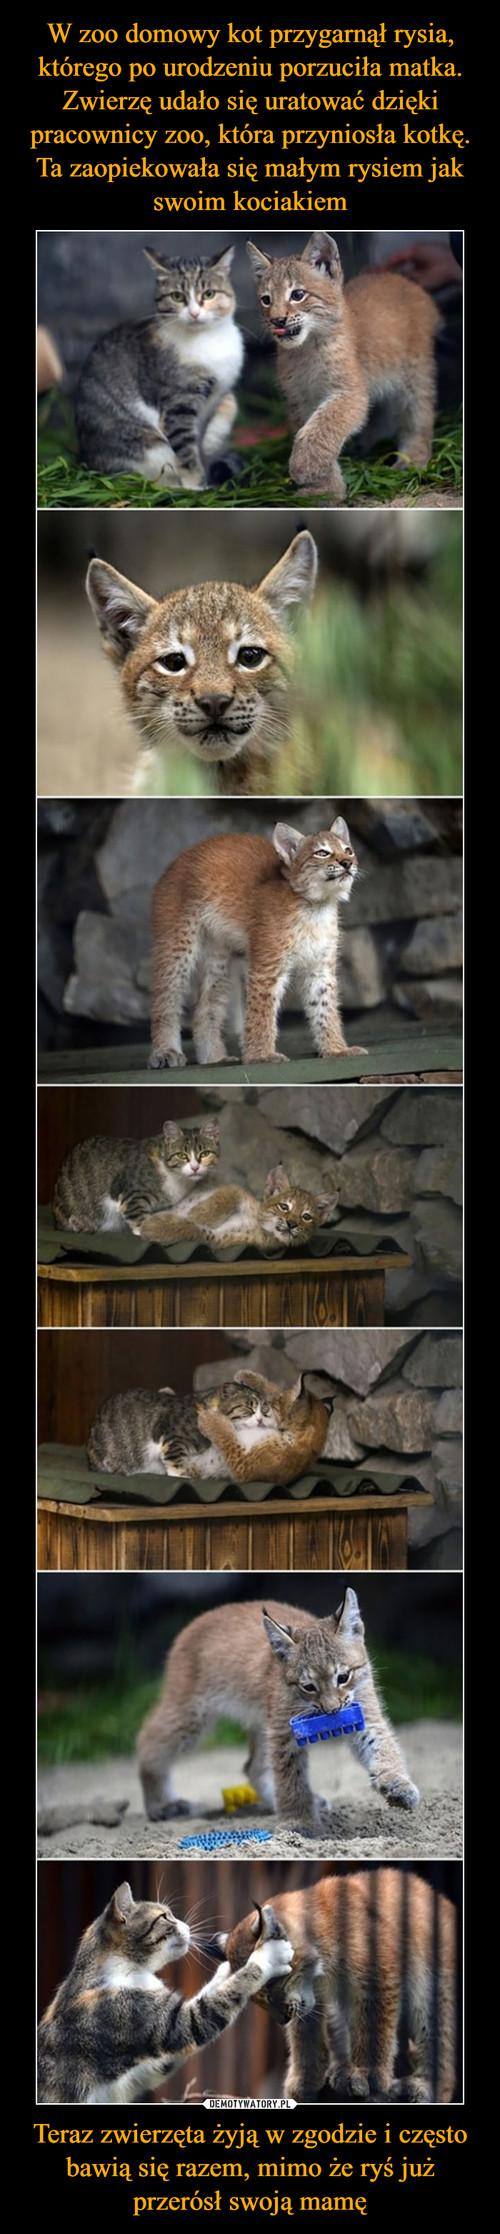 W zoo domowy kot przygarnął rysia, którego po urodzeniu porzuciła matka. Zwierzę udało się uratować dzięki pracownicy zoo, która przyniosła kotkę. Ta zaopiekowała się małym rysiem jak swoim kociakiem Teraz zwierzęta żyją w zgodzie i często bawią się razem, mimo że ryś już przerósł swoją mamę